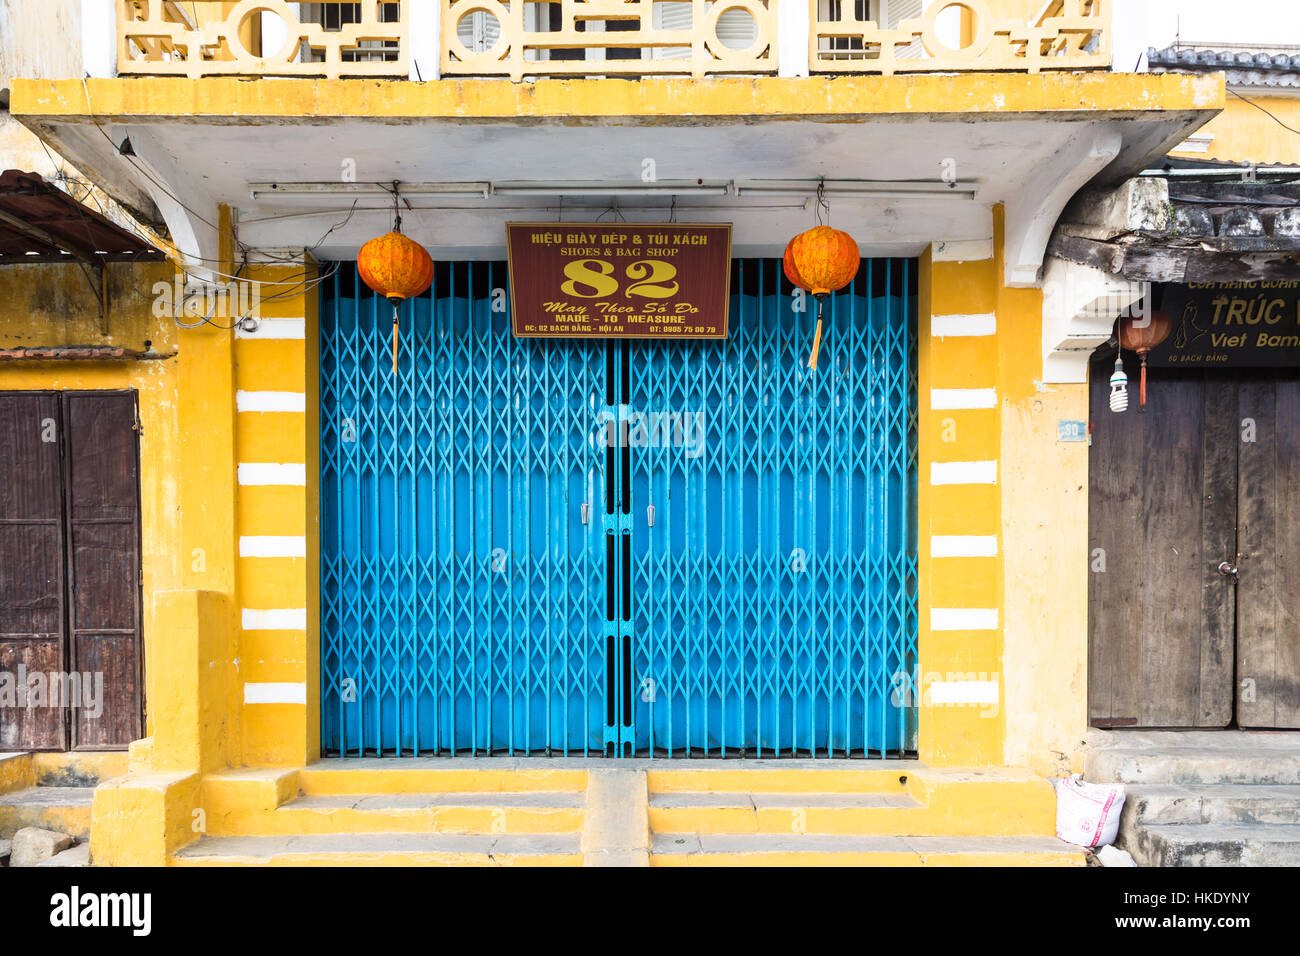 HOI AN, VIETNAM - 7. Februar 2016: Eine bunte Fassade in Hoi an eine alte Stadt. Die Stadt in Zentral-Vietnam war Stockbild